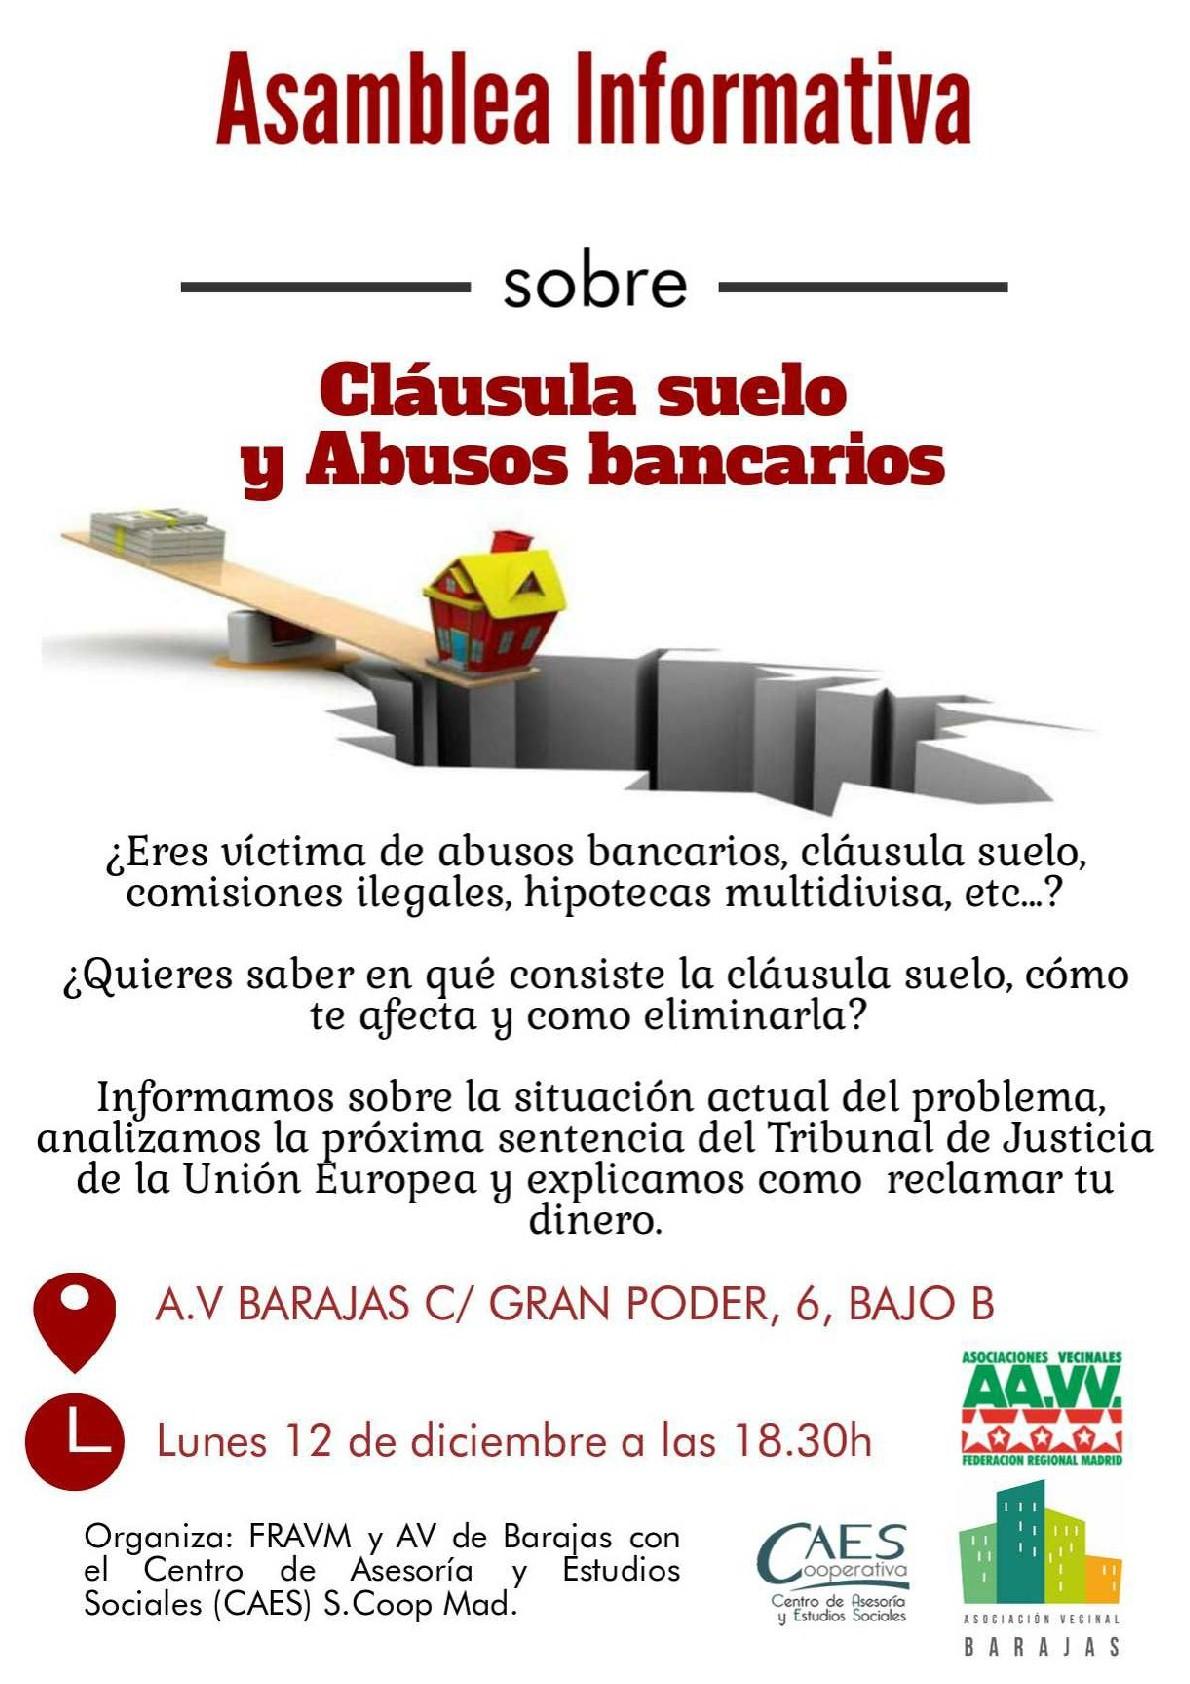 La fravm y la av barajas organizan este lunes una charla for Se puede reclamar clausula suelo